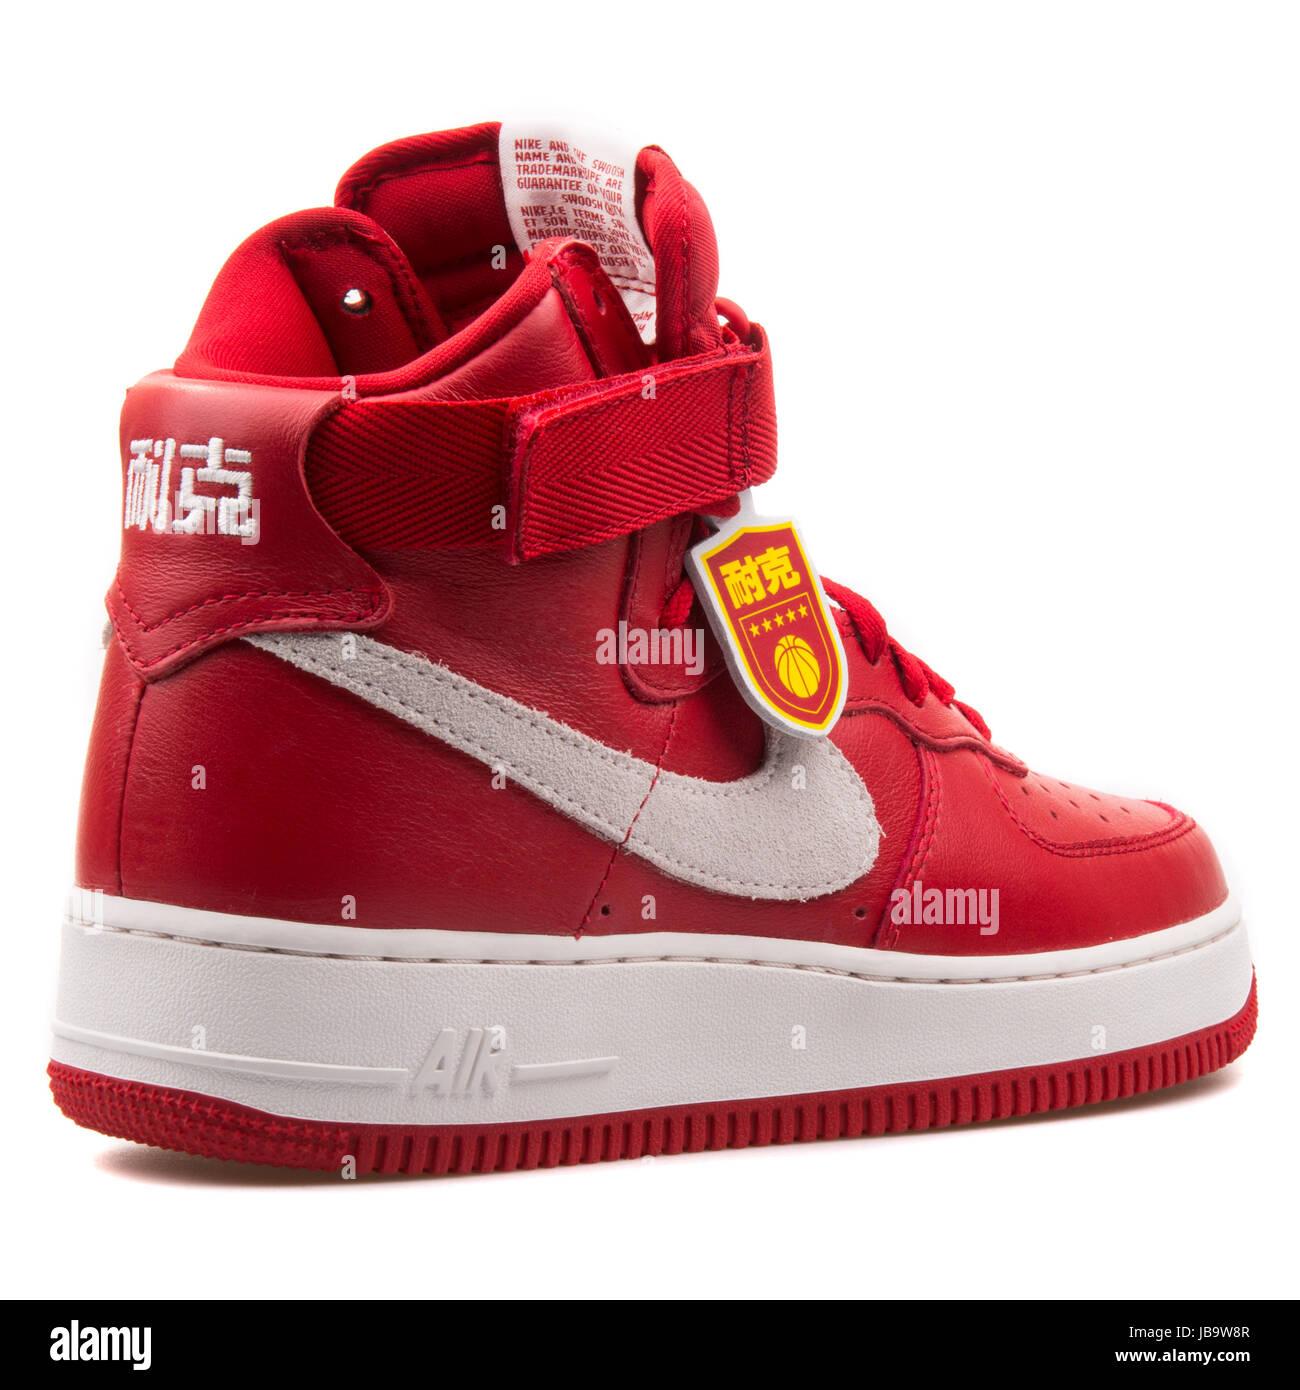 Nike Air Force 1 Hi Retro QS Gimnasio rojo y blanco en la